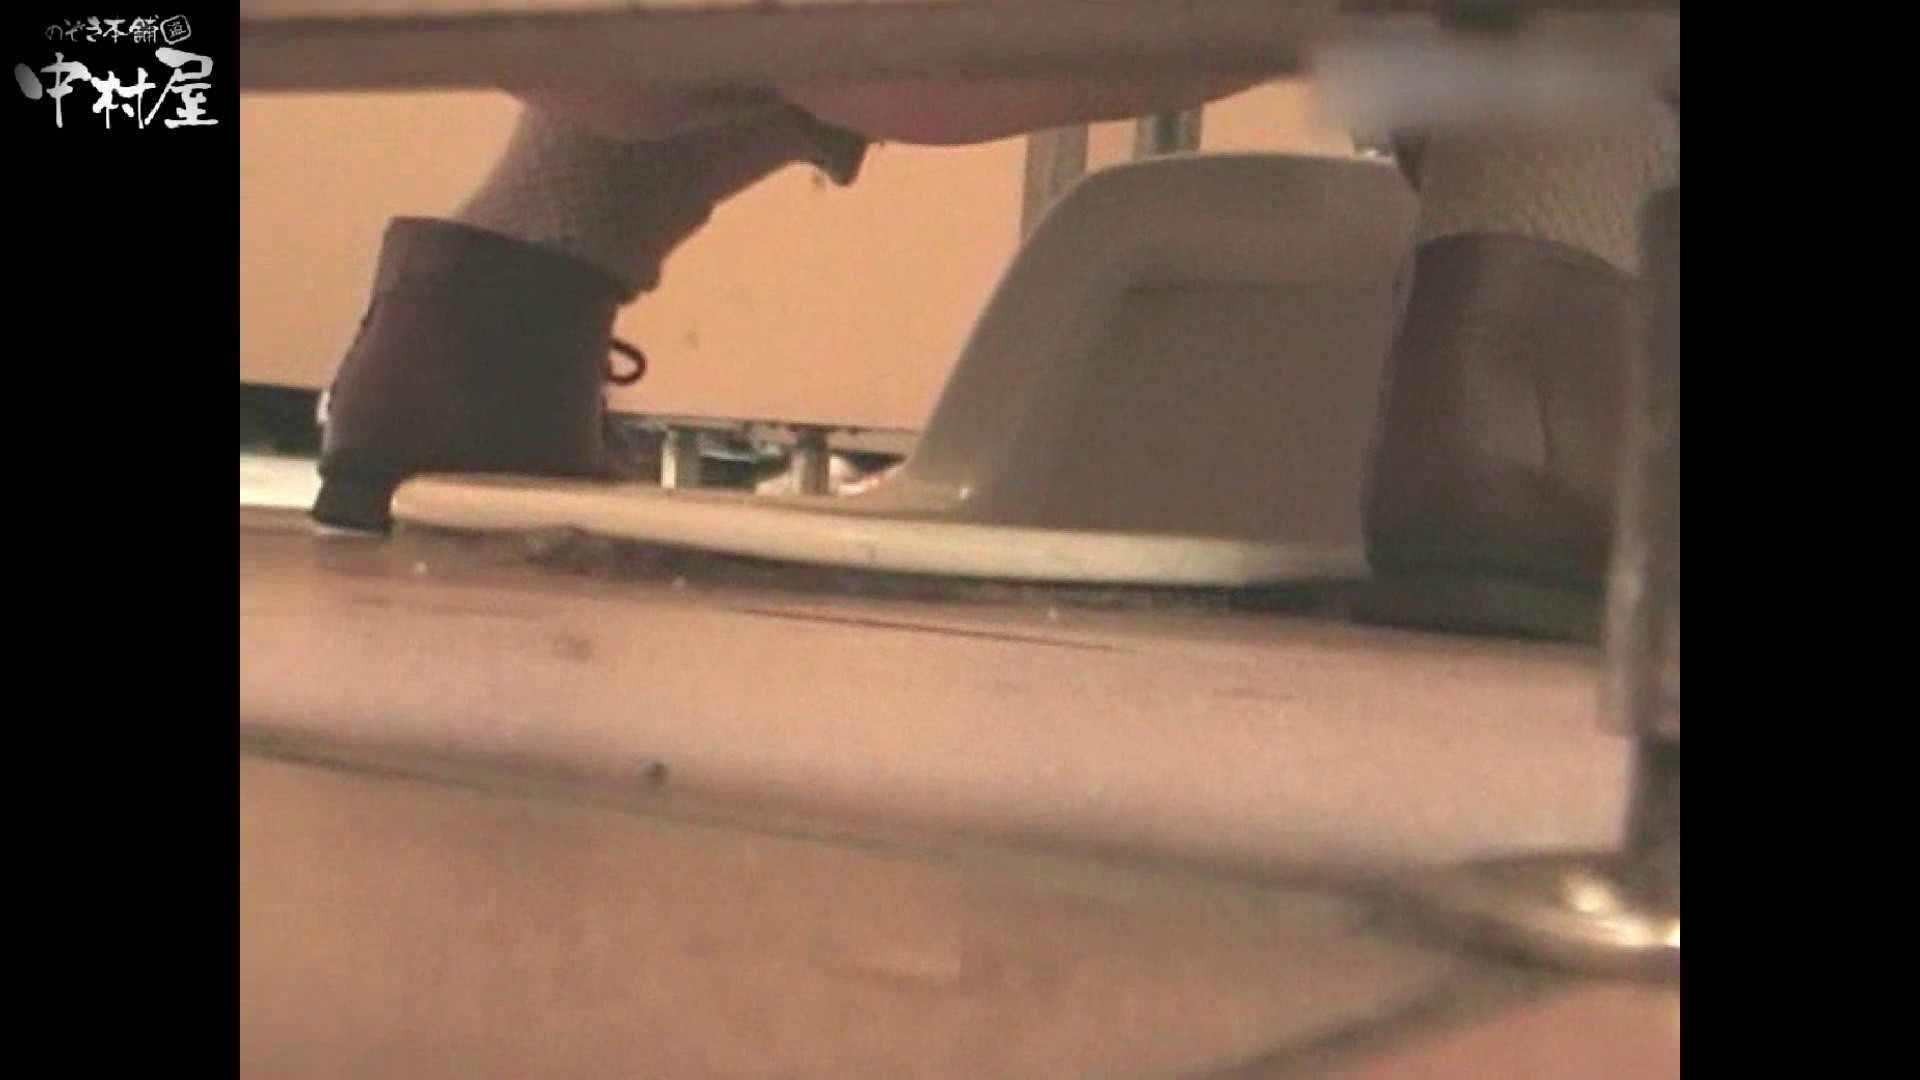 岩手県在住盗撮師盗撮記録vol.09 エッチな盗撮 盗撮動画紹介 110pic 102